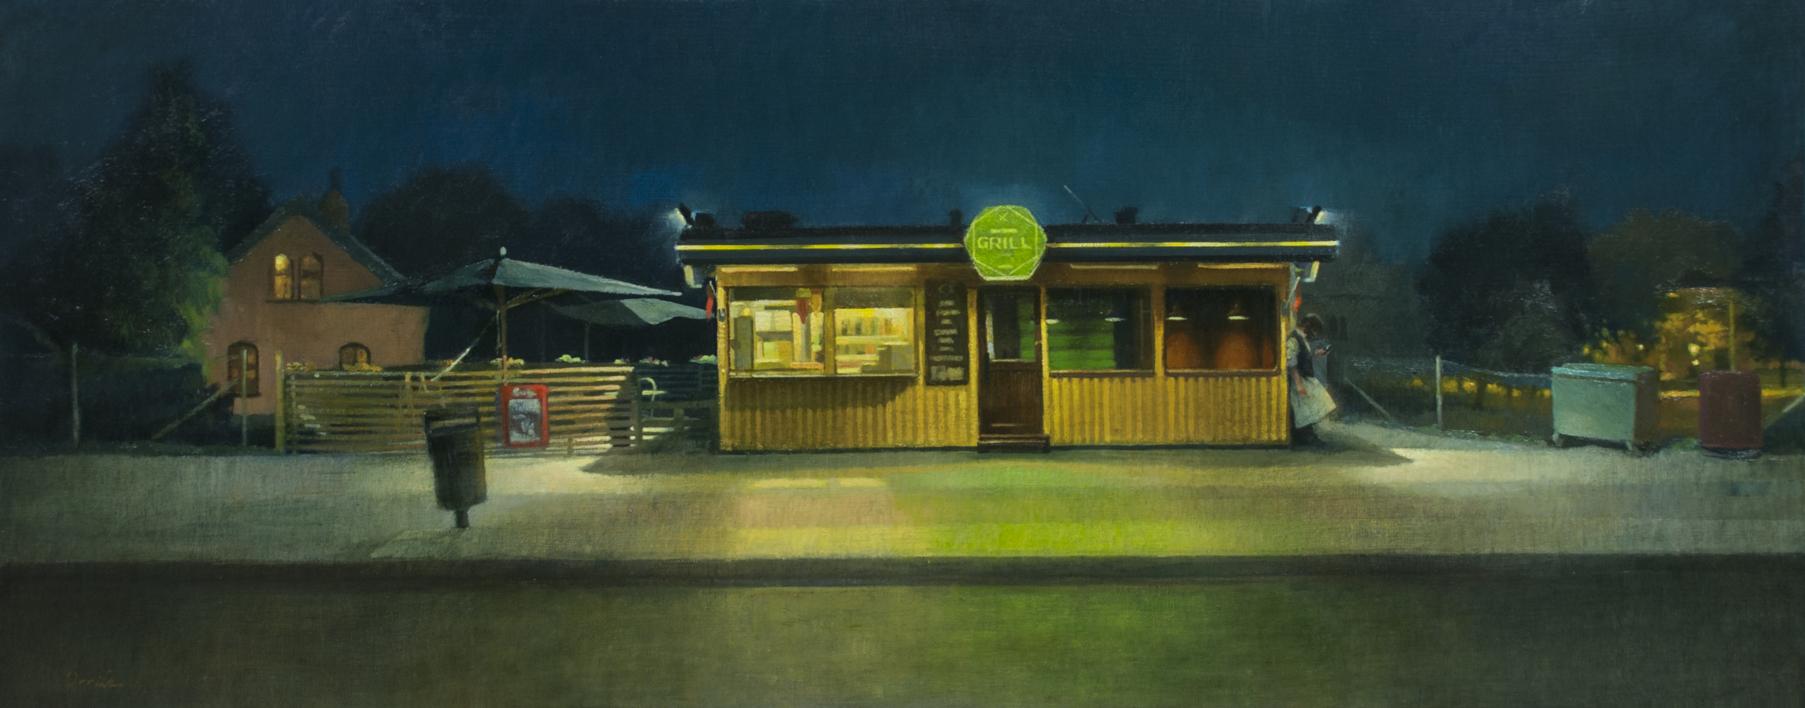 Johannes Grill |Pintura de Orrite | Compra arte en Flecha.es